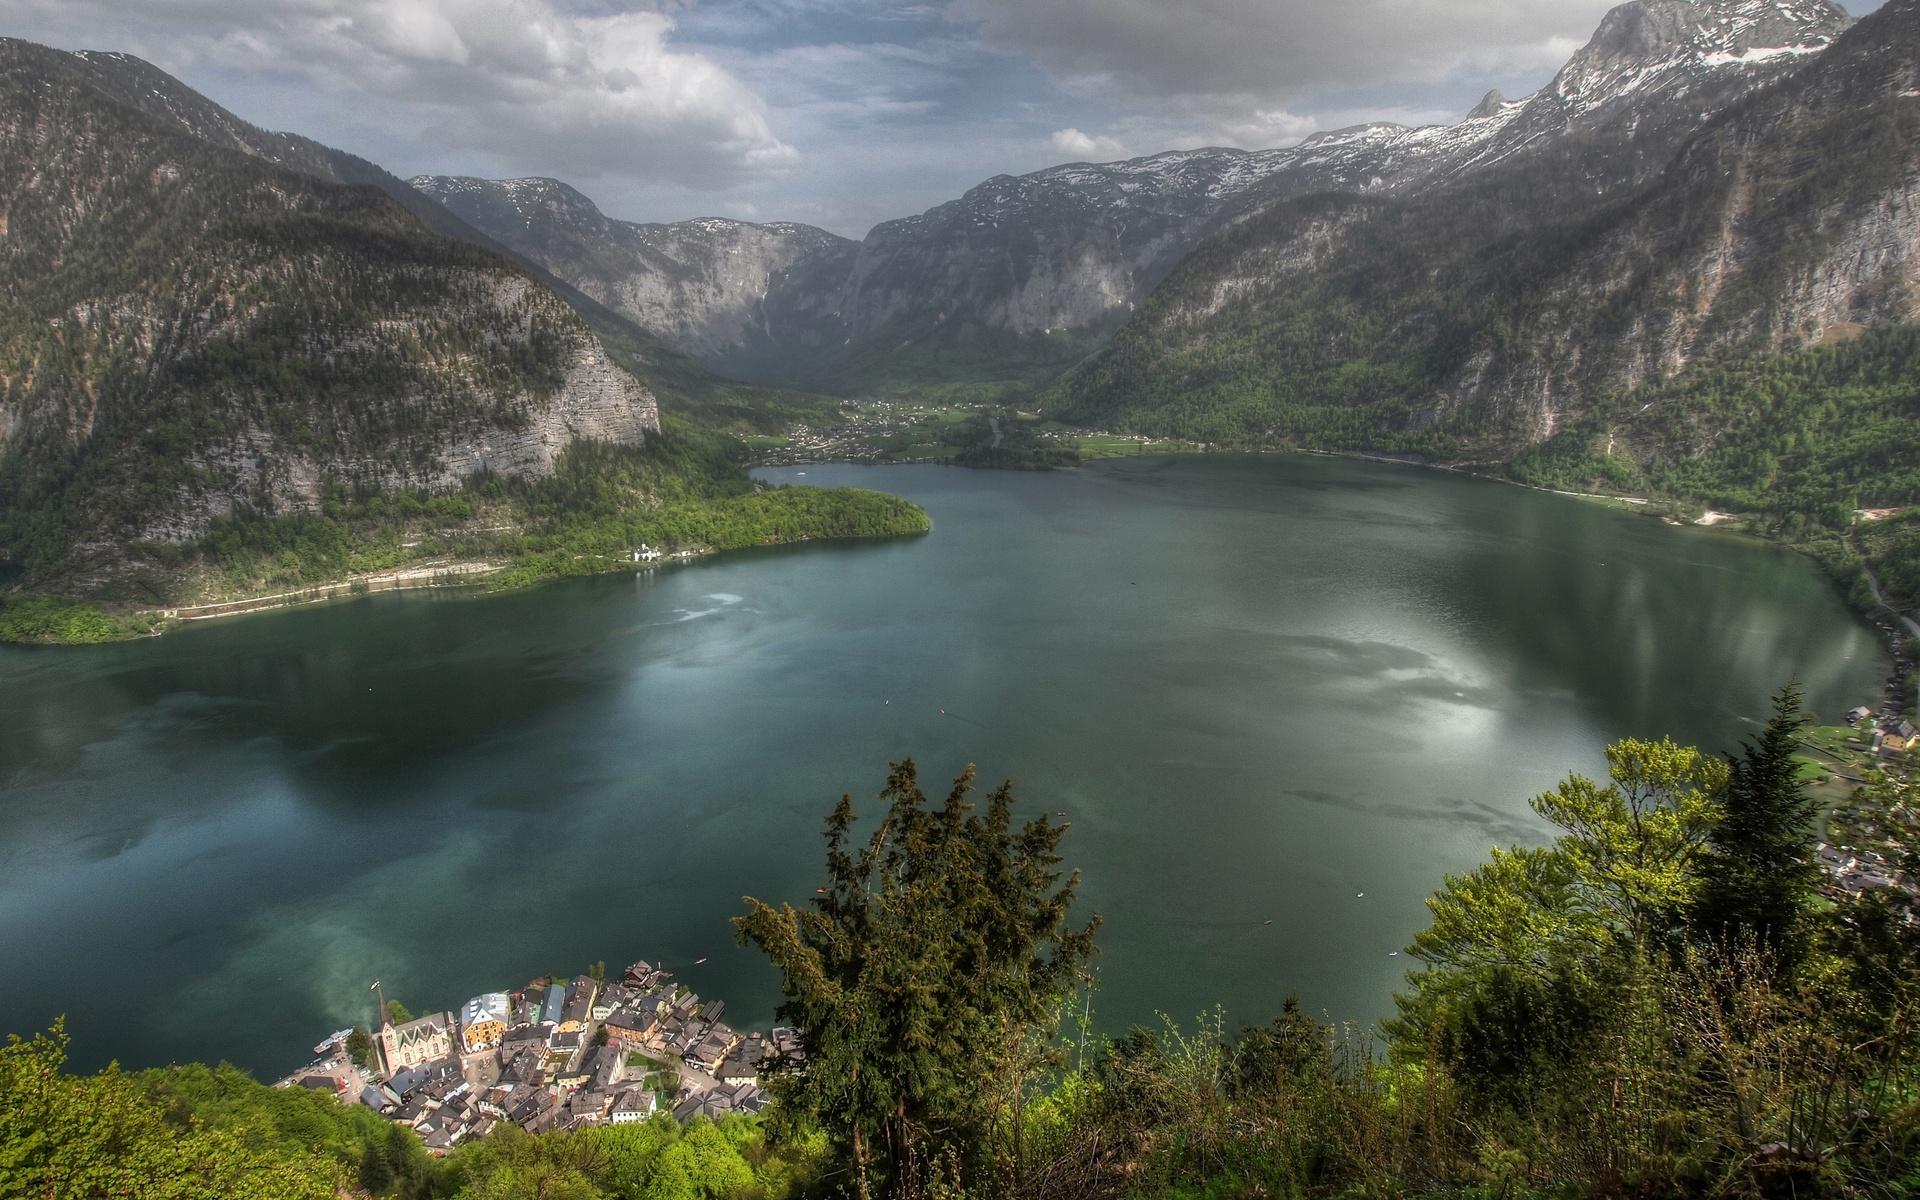 Lake valley / 1920 x 1200 / Mountains / Photography   MIRIADNA.COM